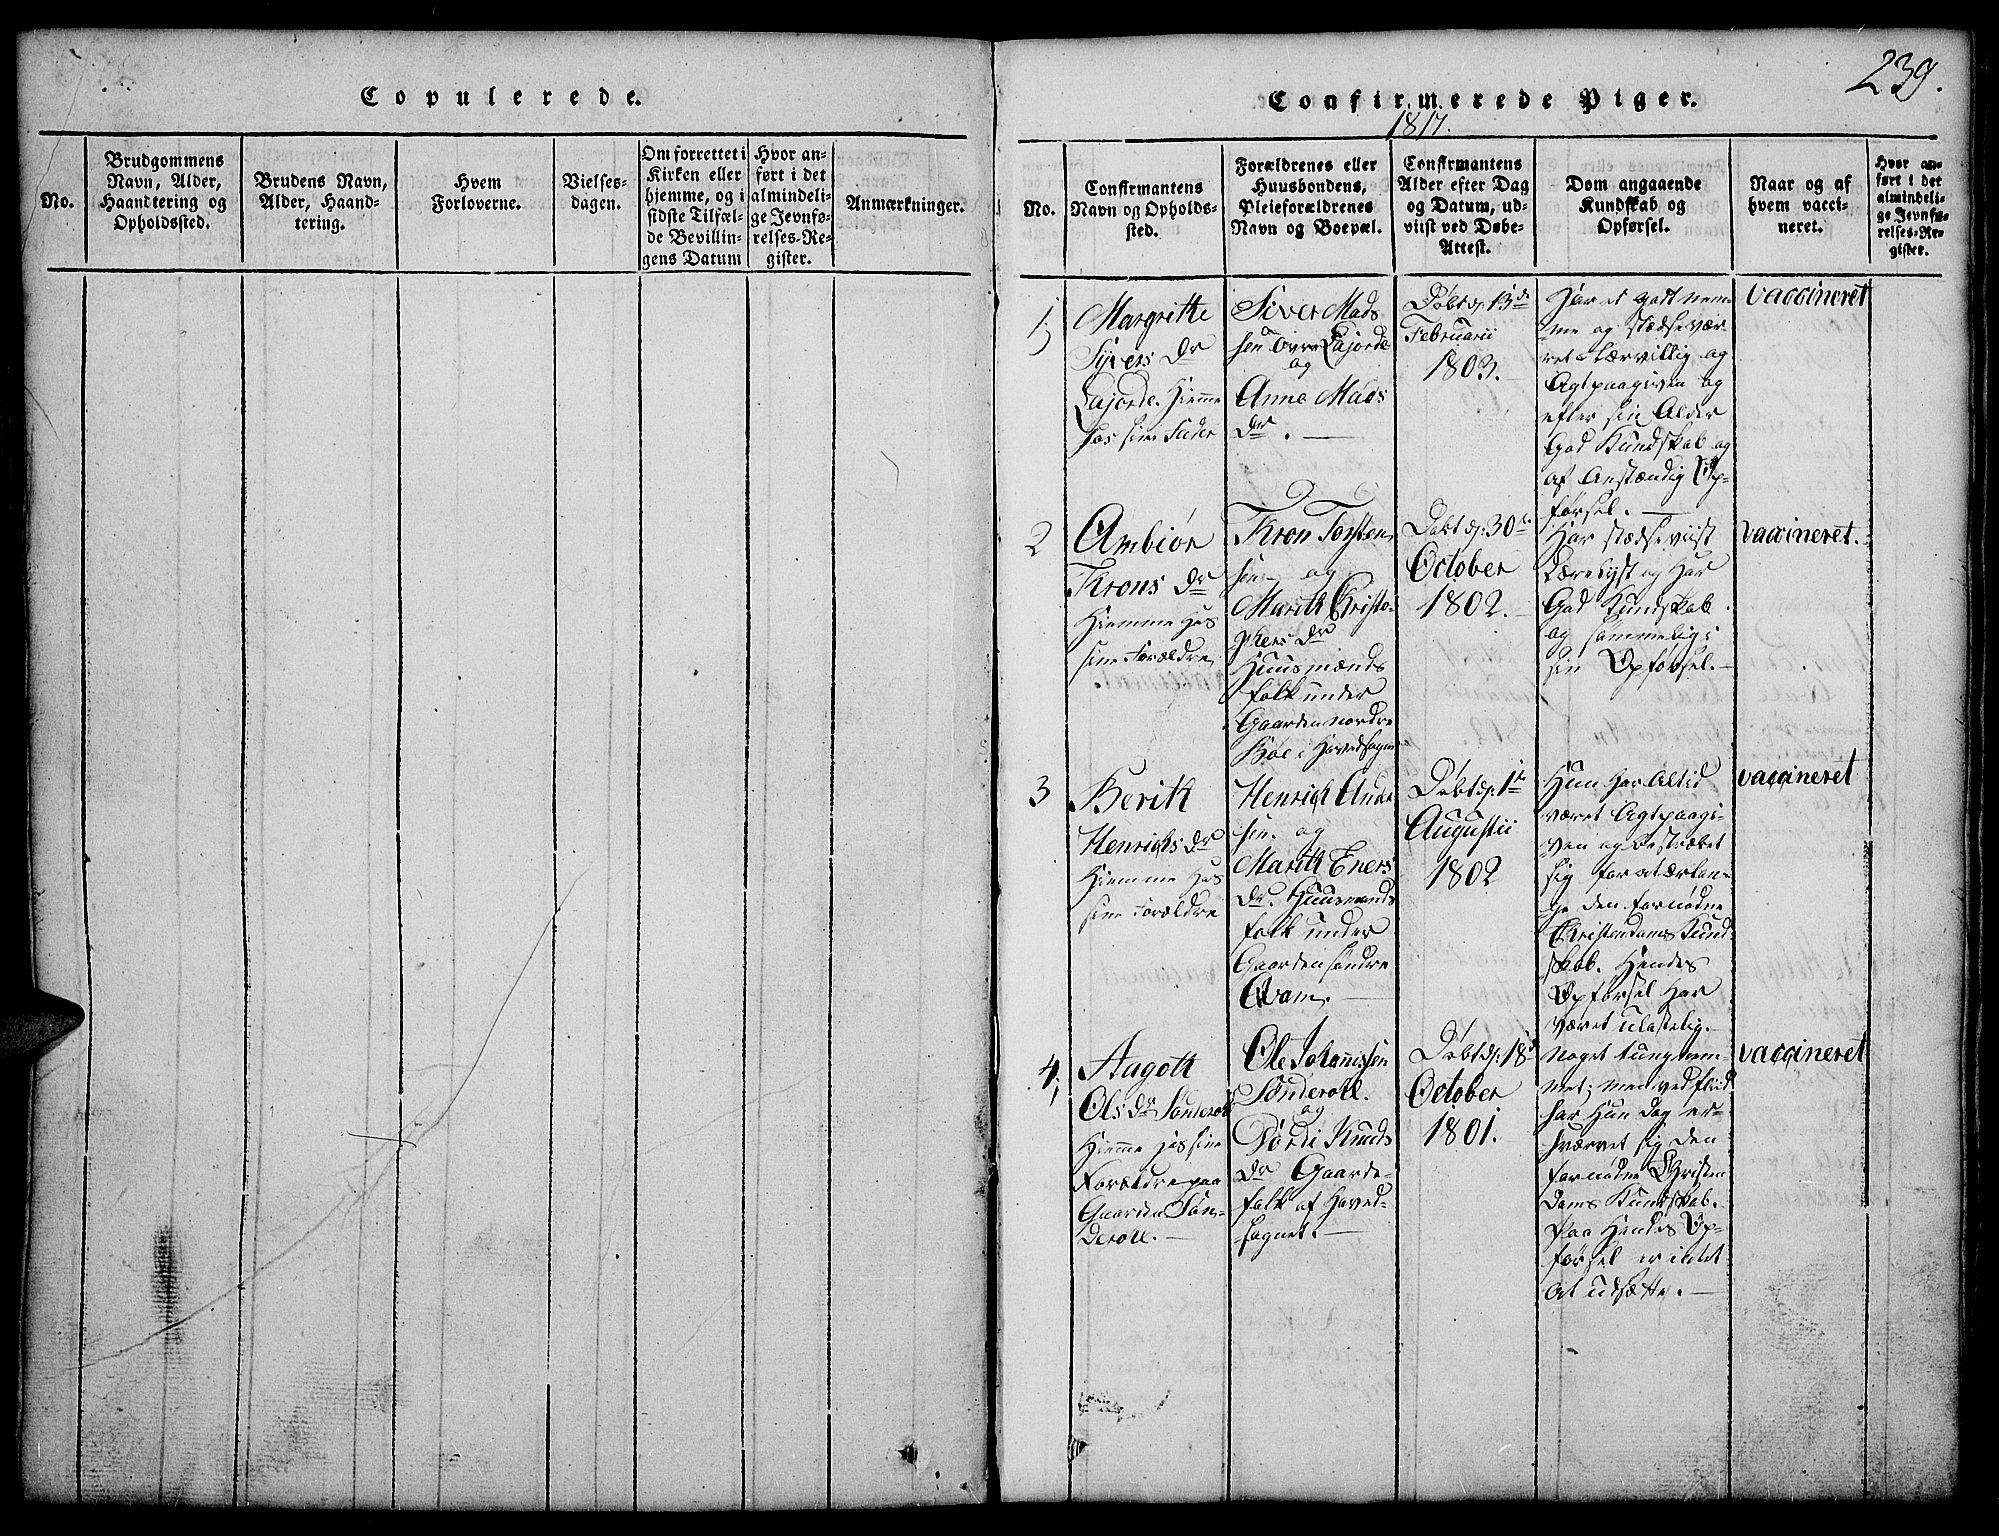 SAH, Vang prestekontor, Valdres, Klokkerbok nr. 2, 1814-1889, s. 239